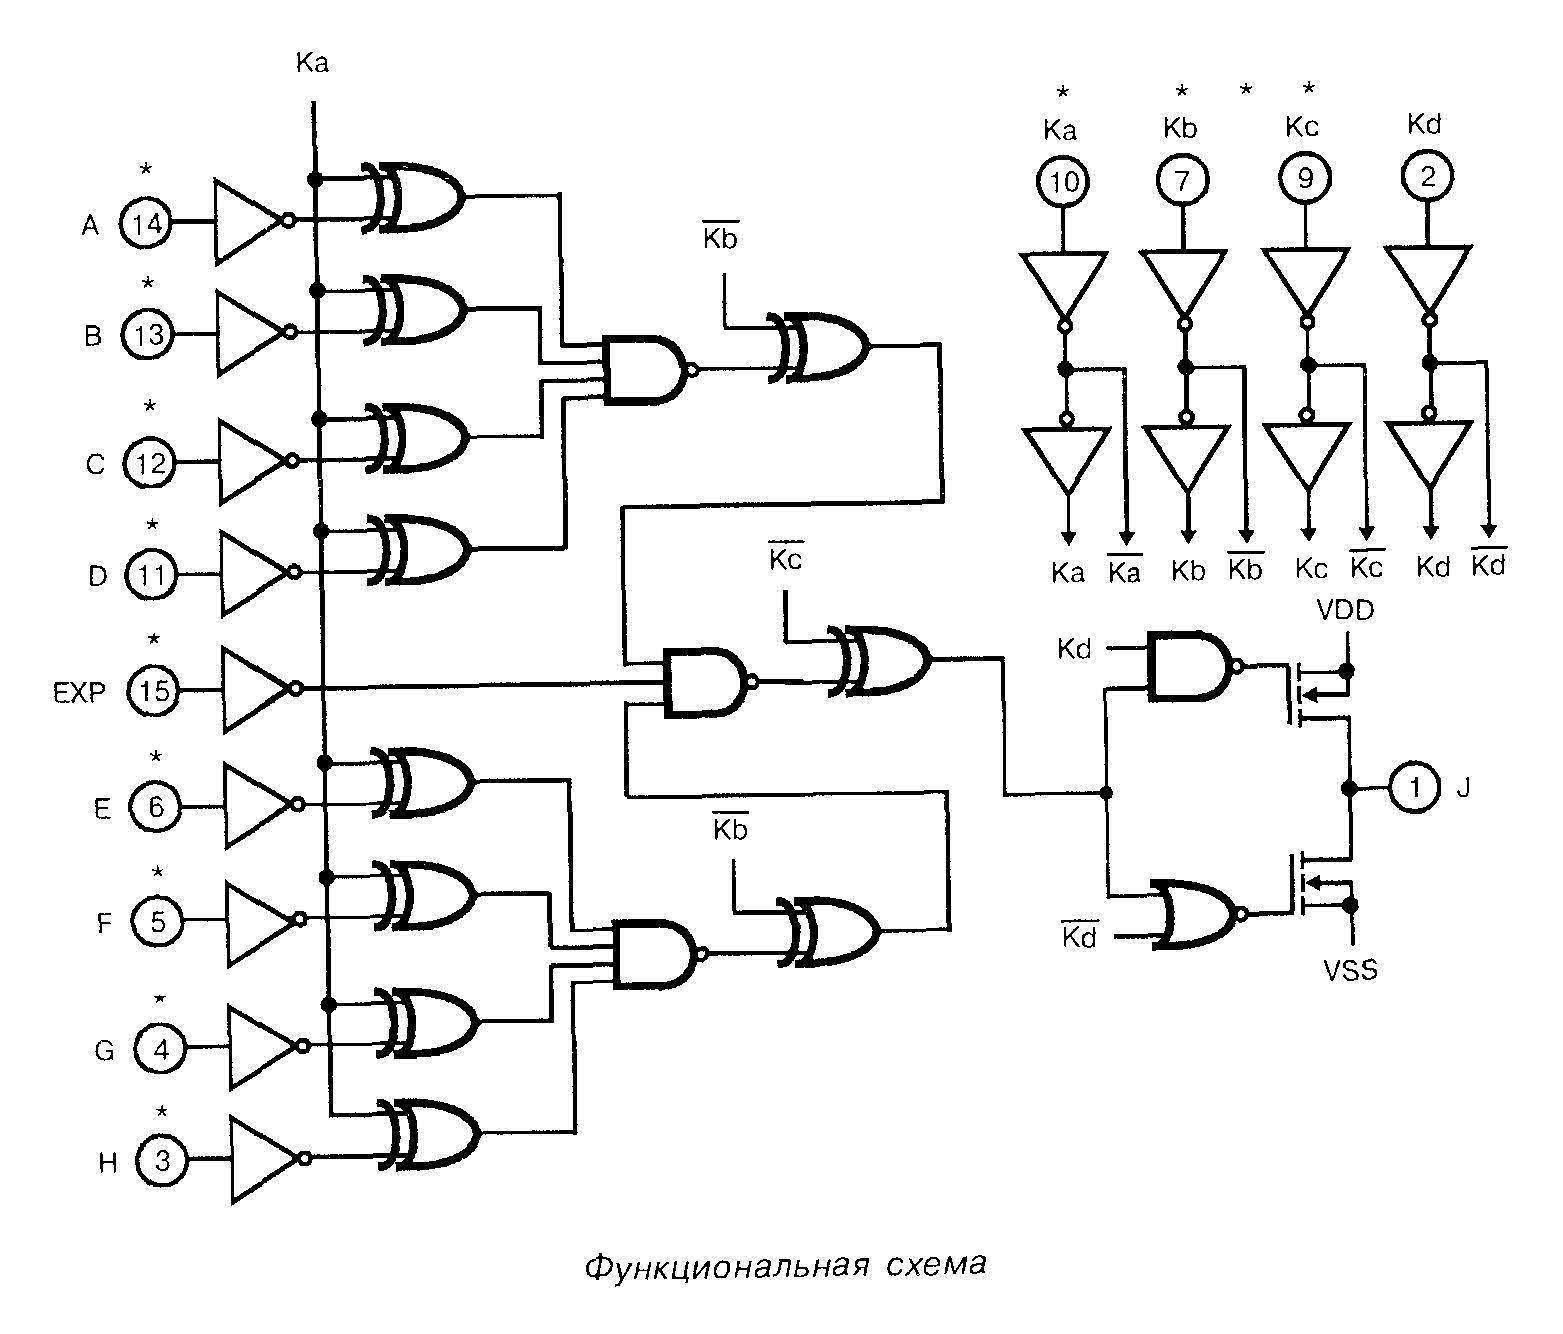 Микросхема 4048 - функциональная схема